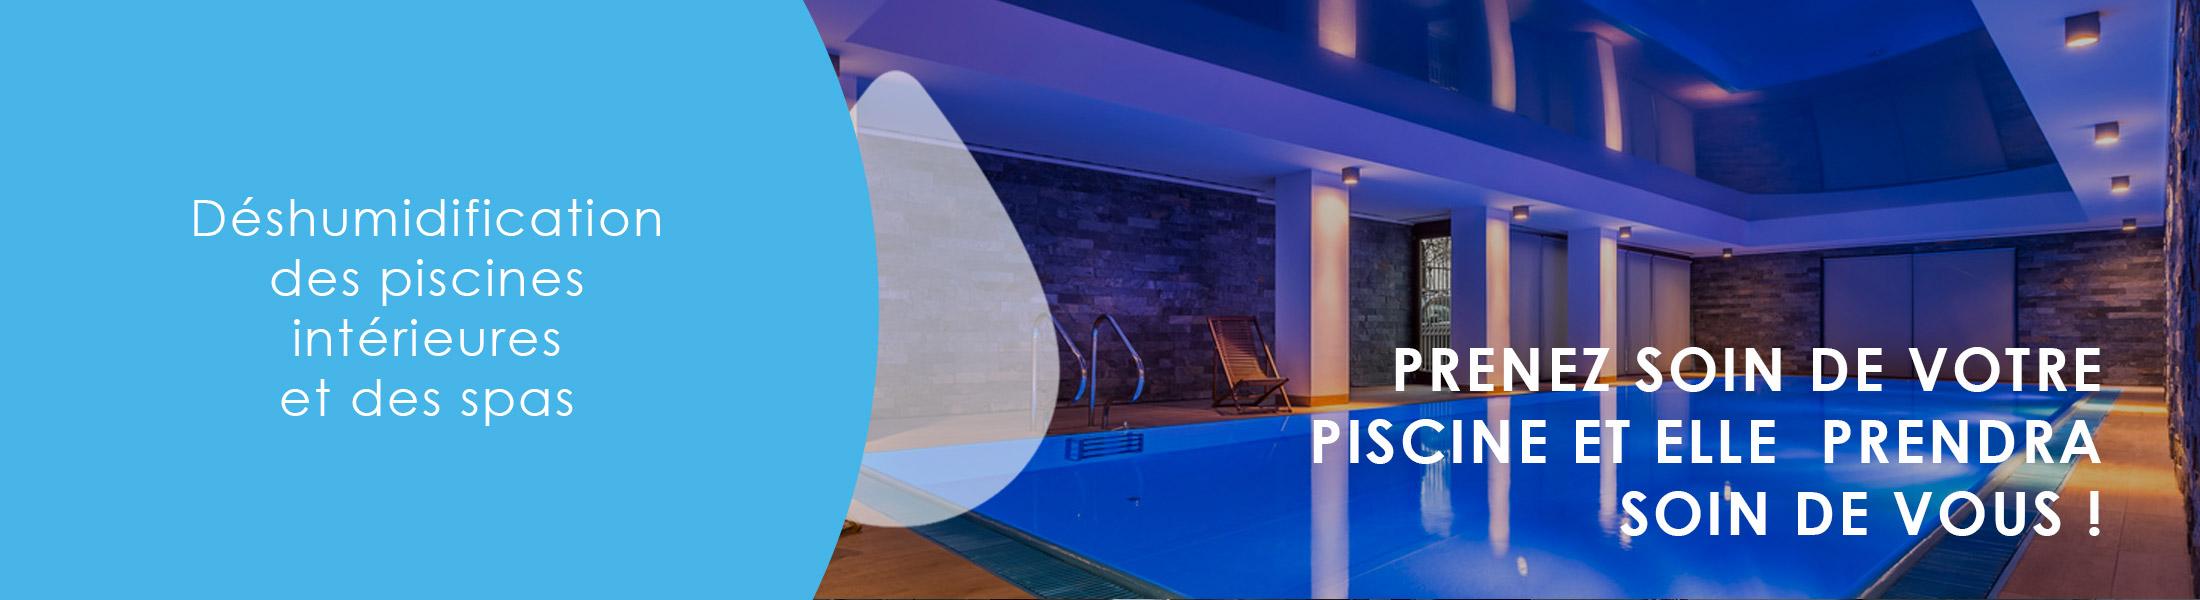 Slider piscine